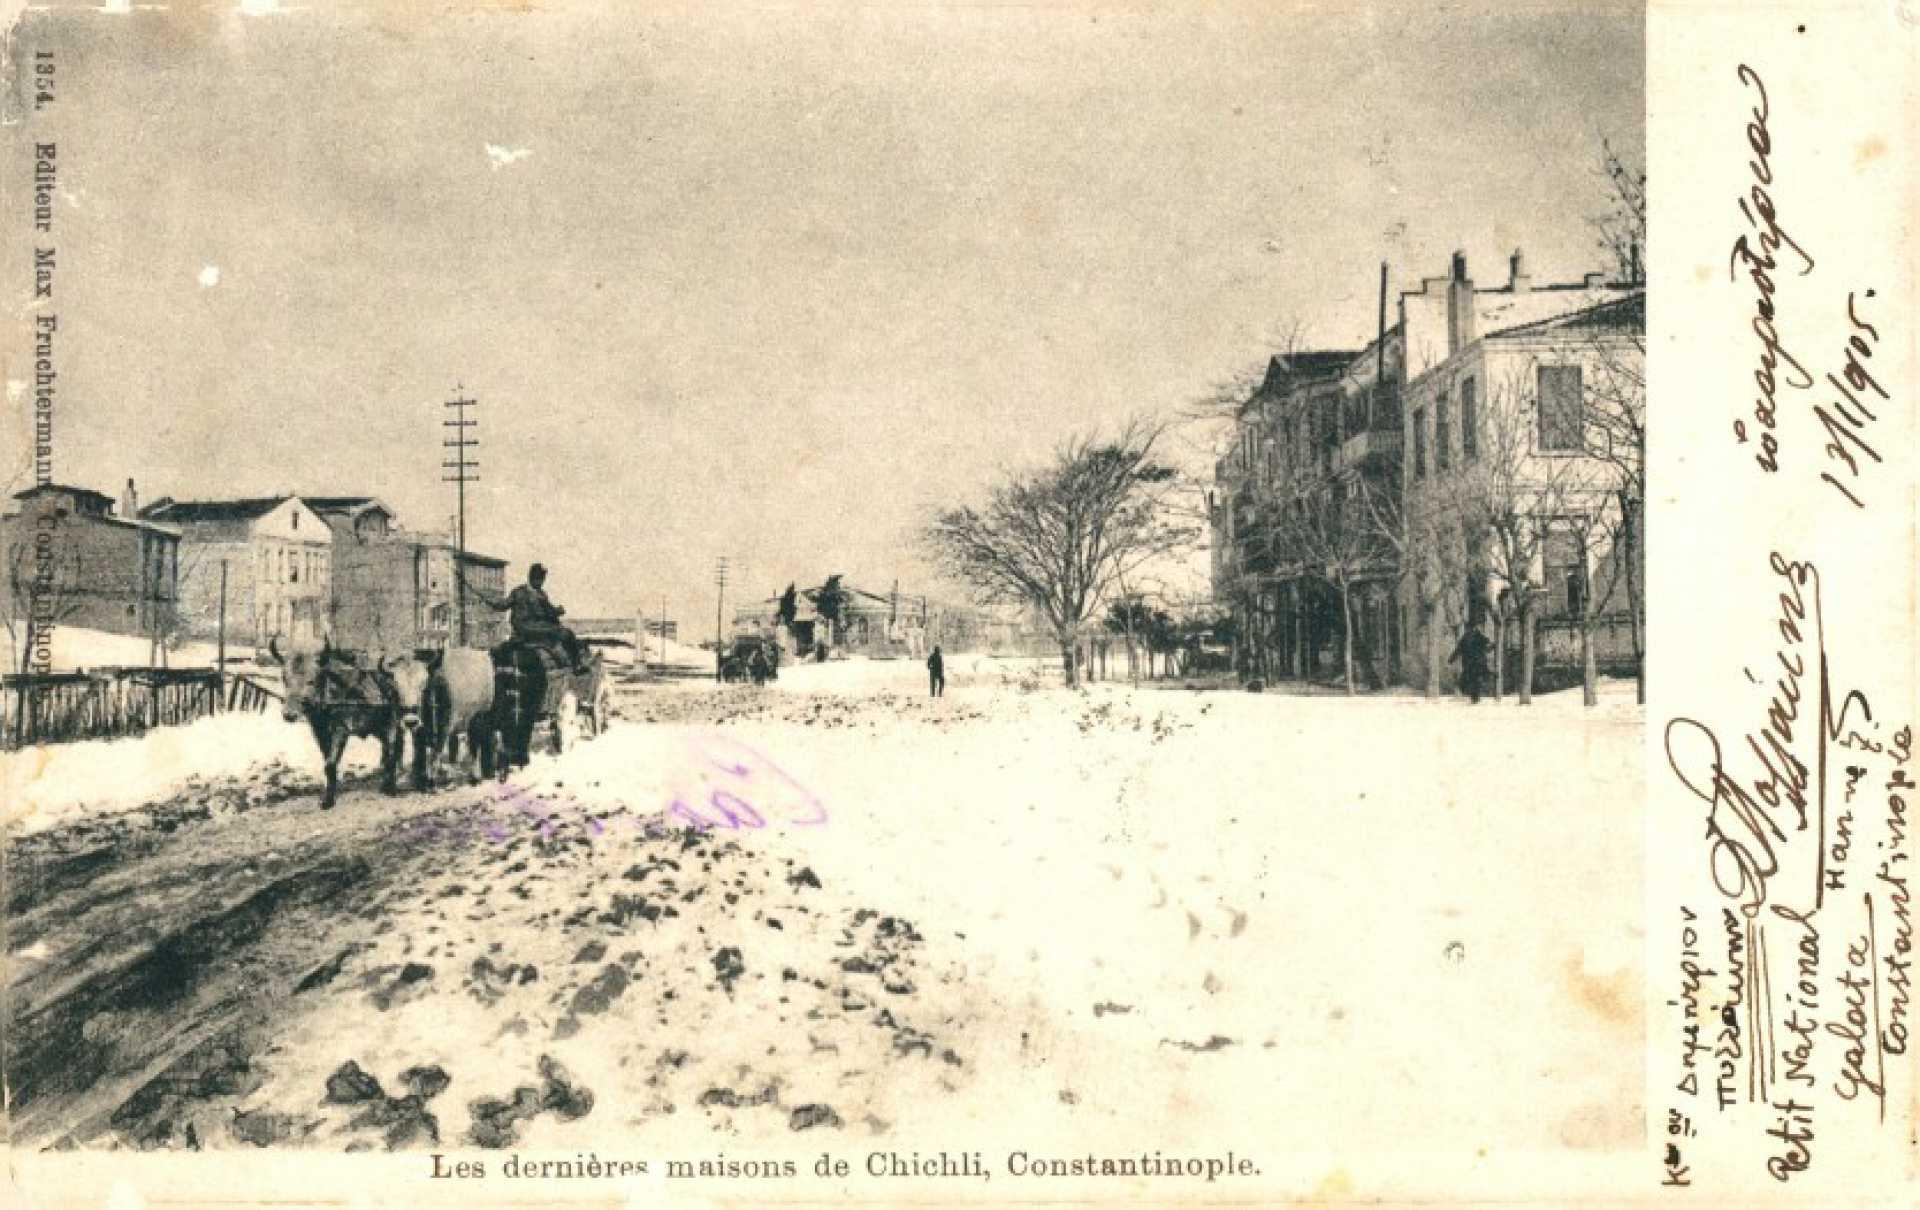 Les dernieres maisons de Chichli